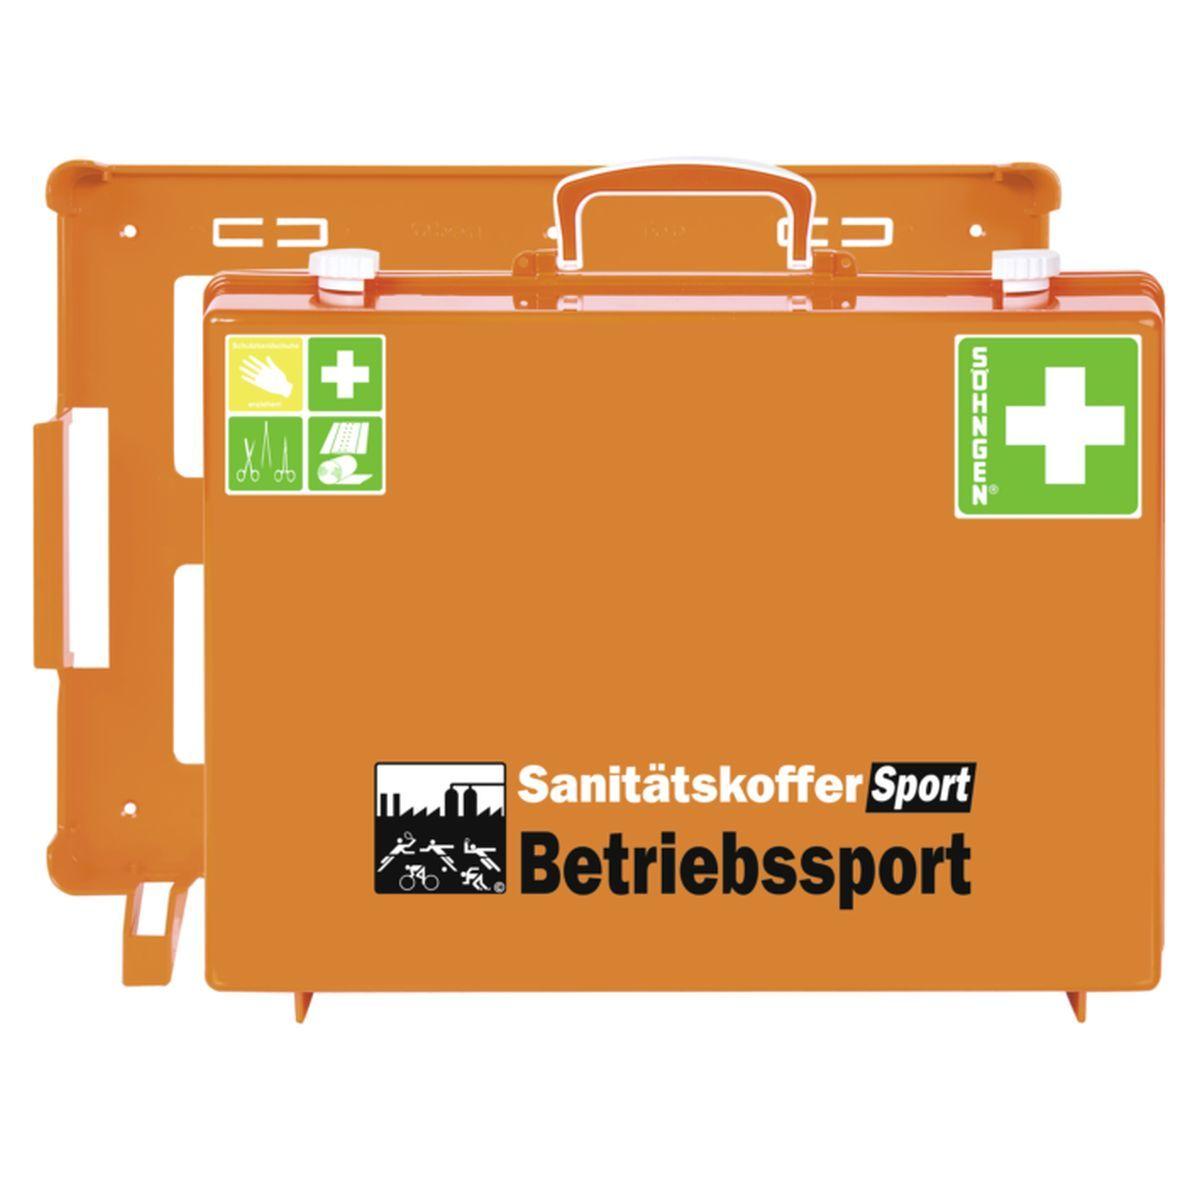 Sanitätskoffer Sport Betriebssport